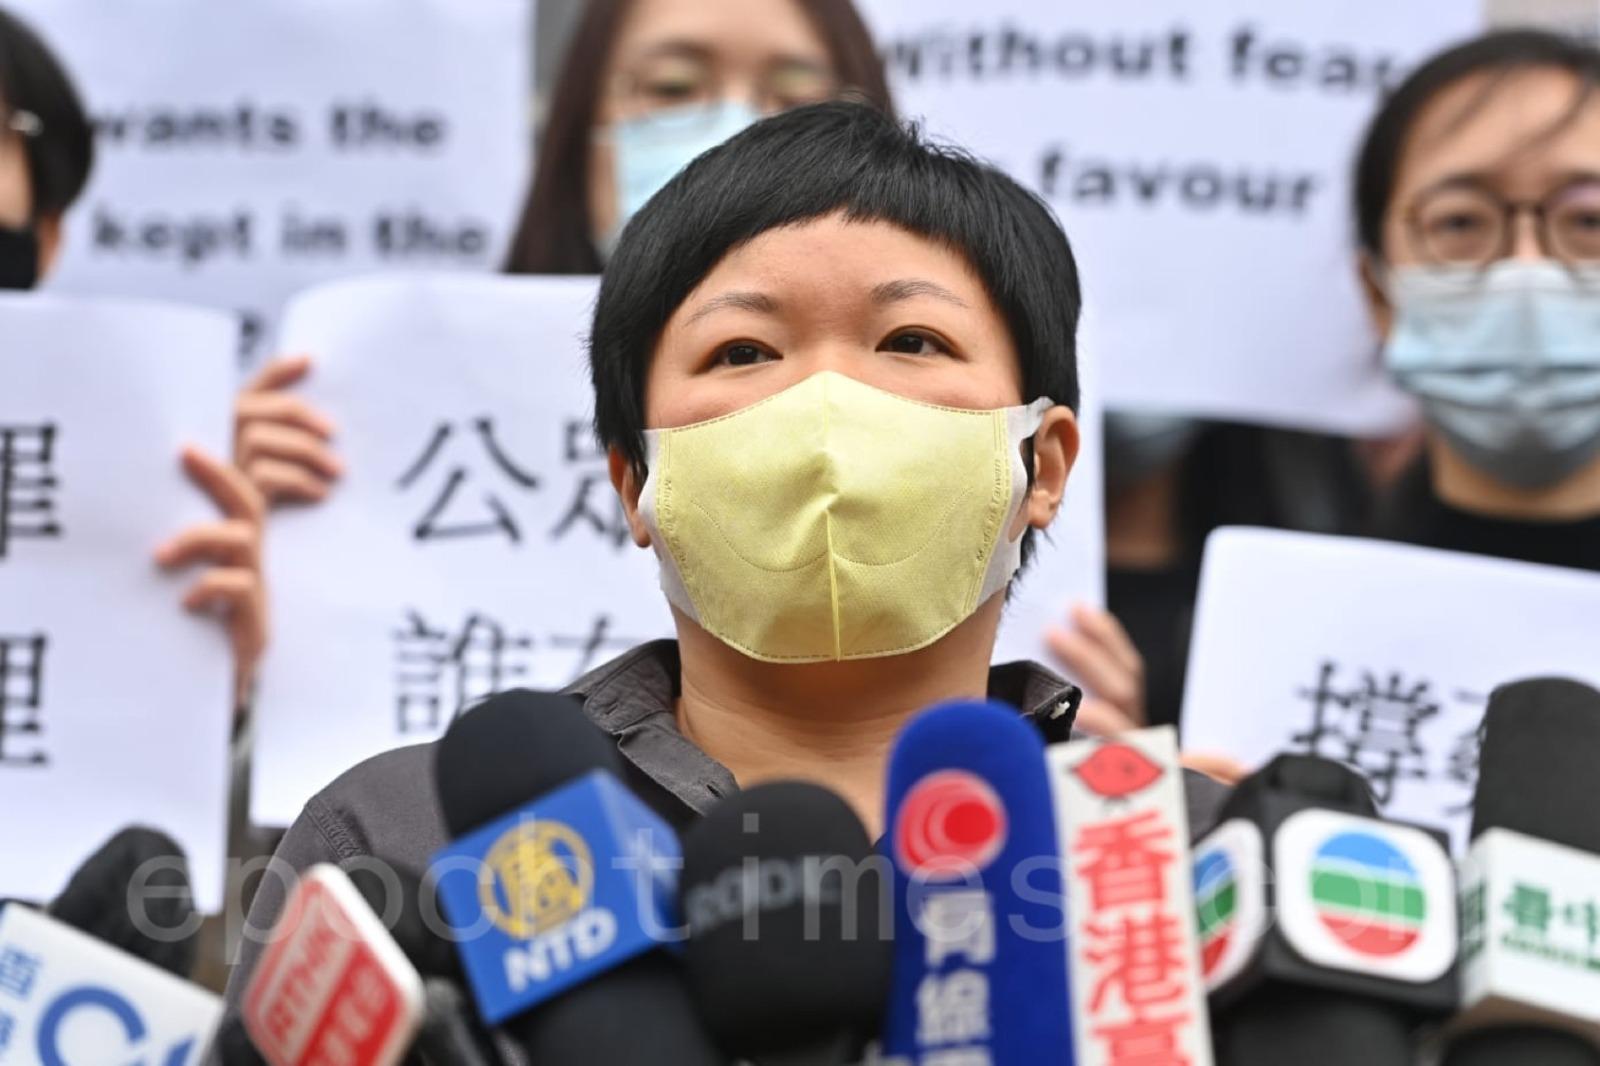 蔡玉玲向傳媒表示,警方此次高調拘捕查冊記者,所造成的效應顯然不僅及於她一個人,希望港台展現傳媒機構風骨,勇於出面承擔事件。(宋碧龍/大紀元)